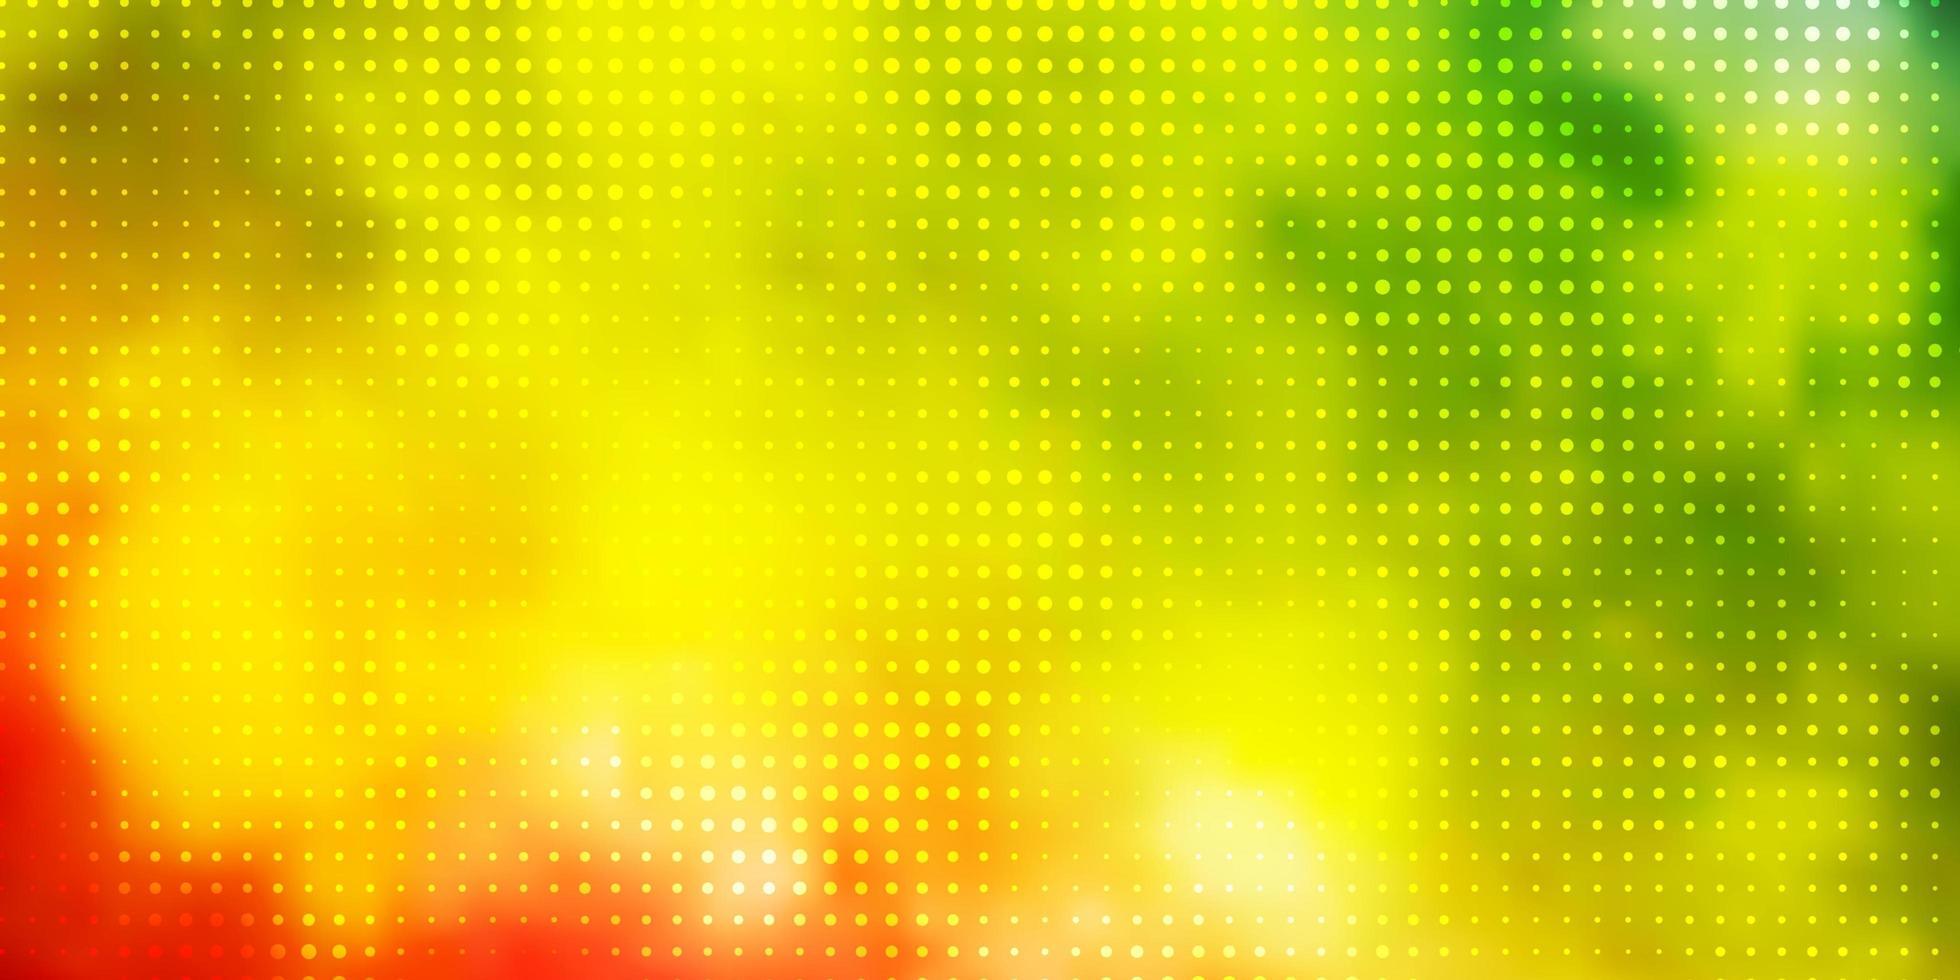 donkere veelkleurige vector achtergrond met stippen.